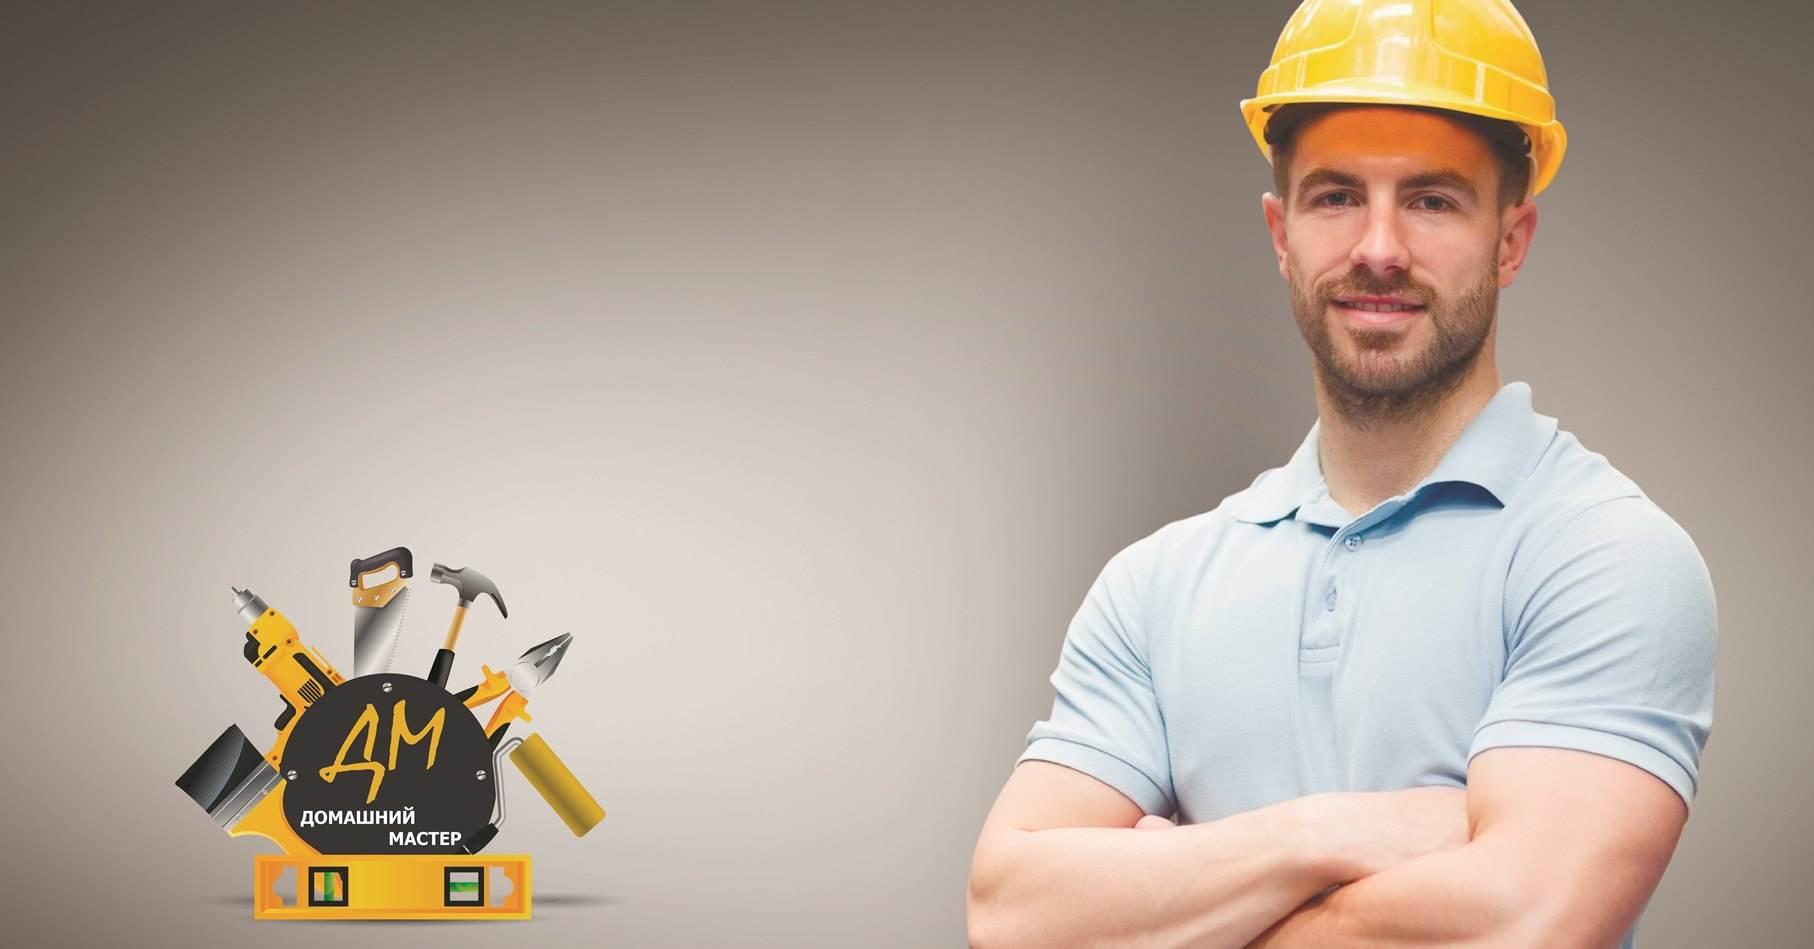 Служба бытового и крупного ремонта